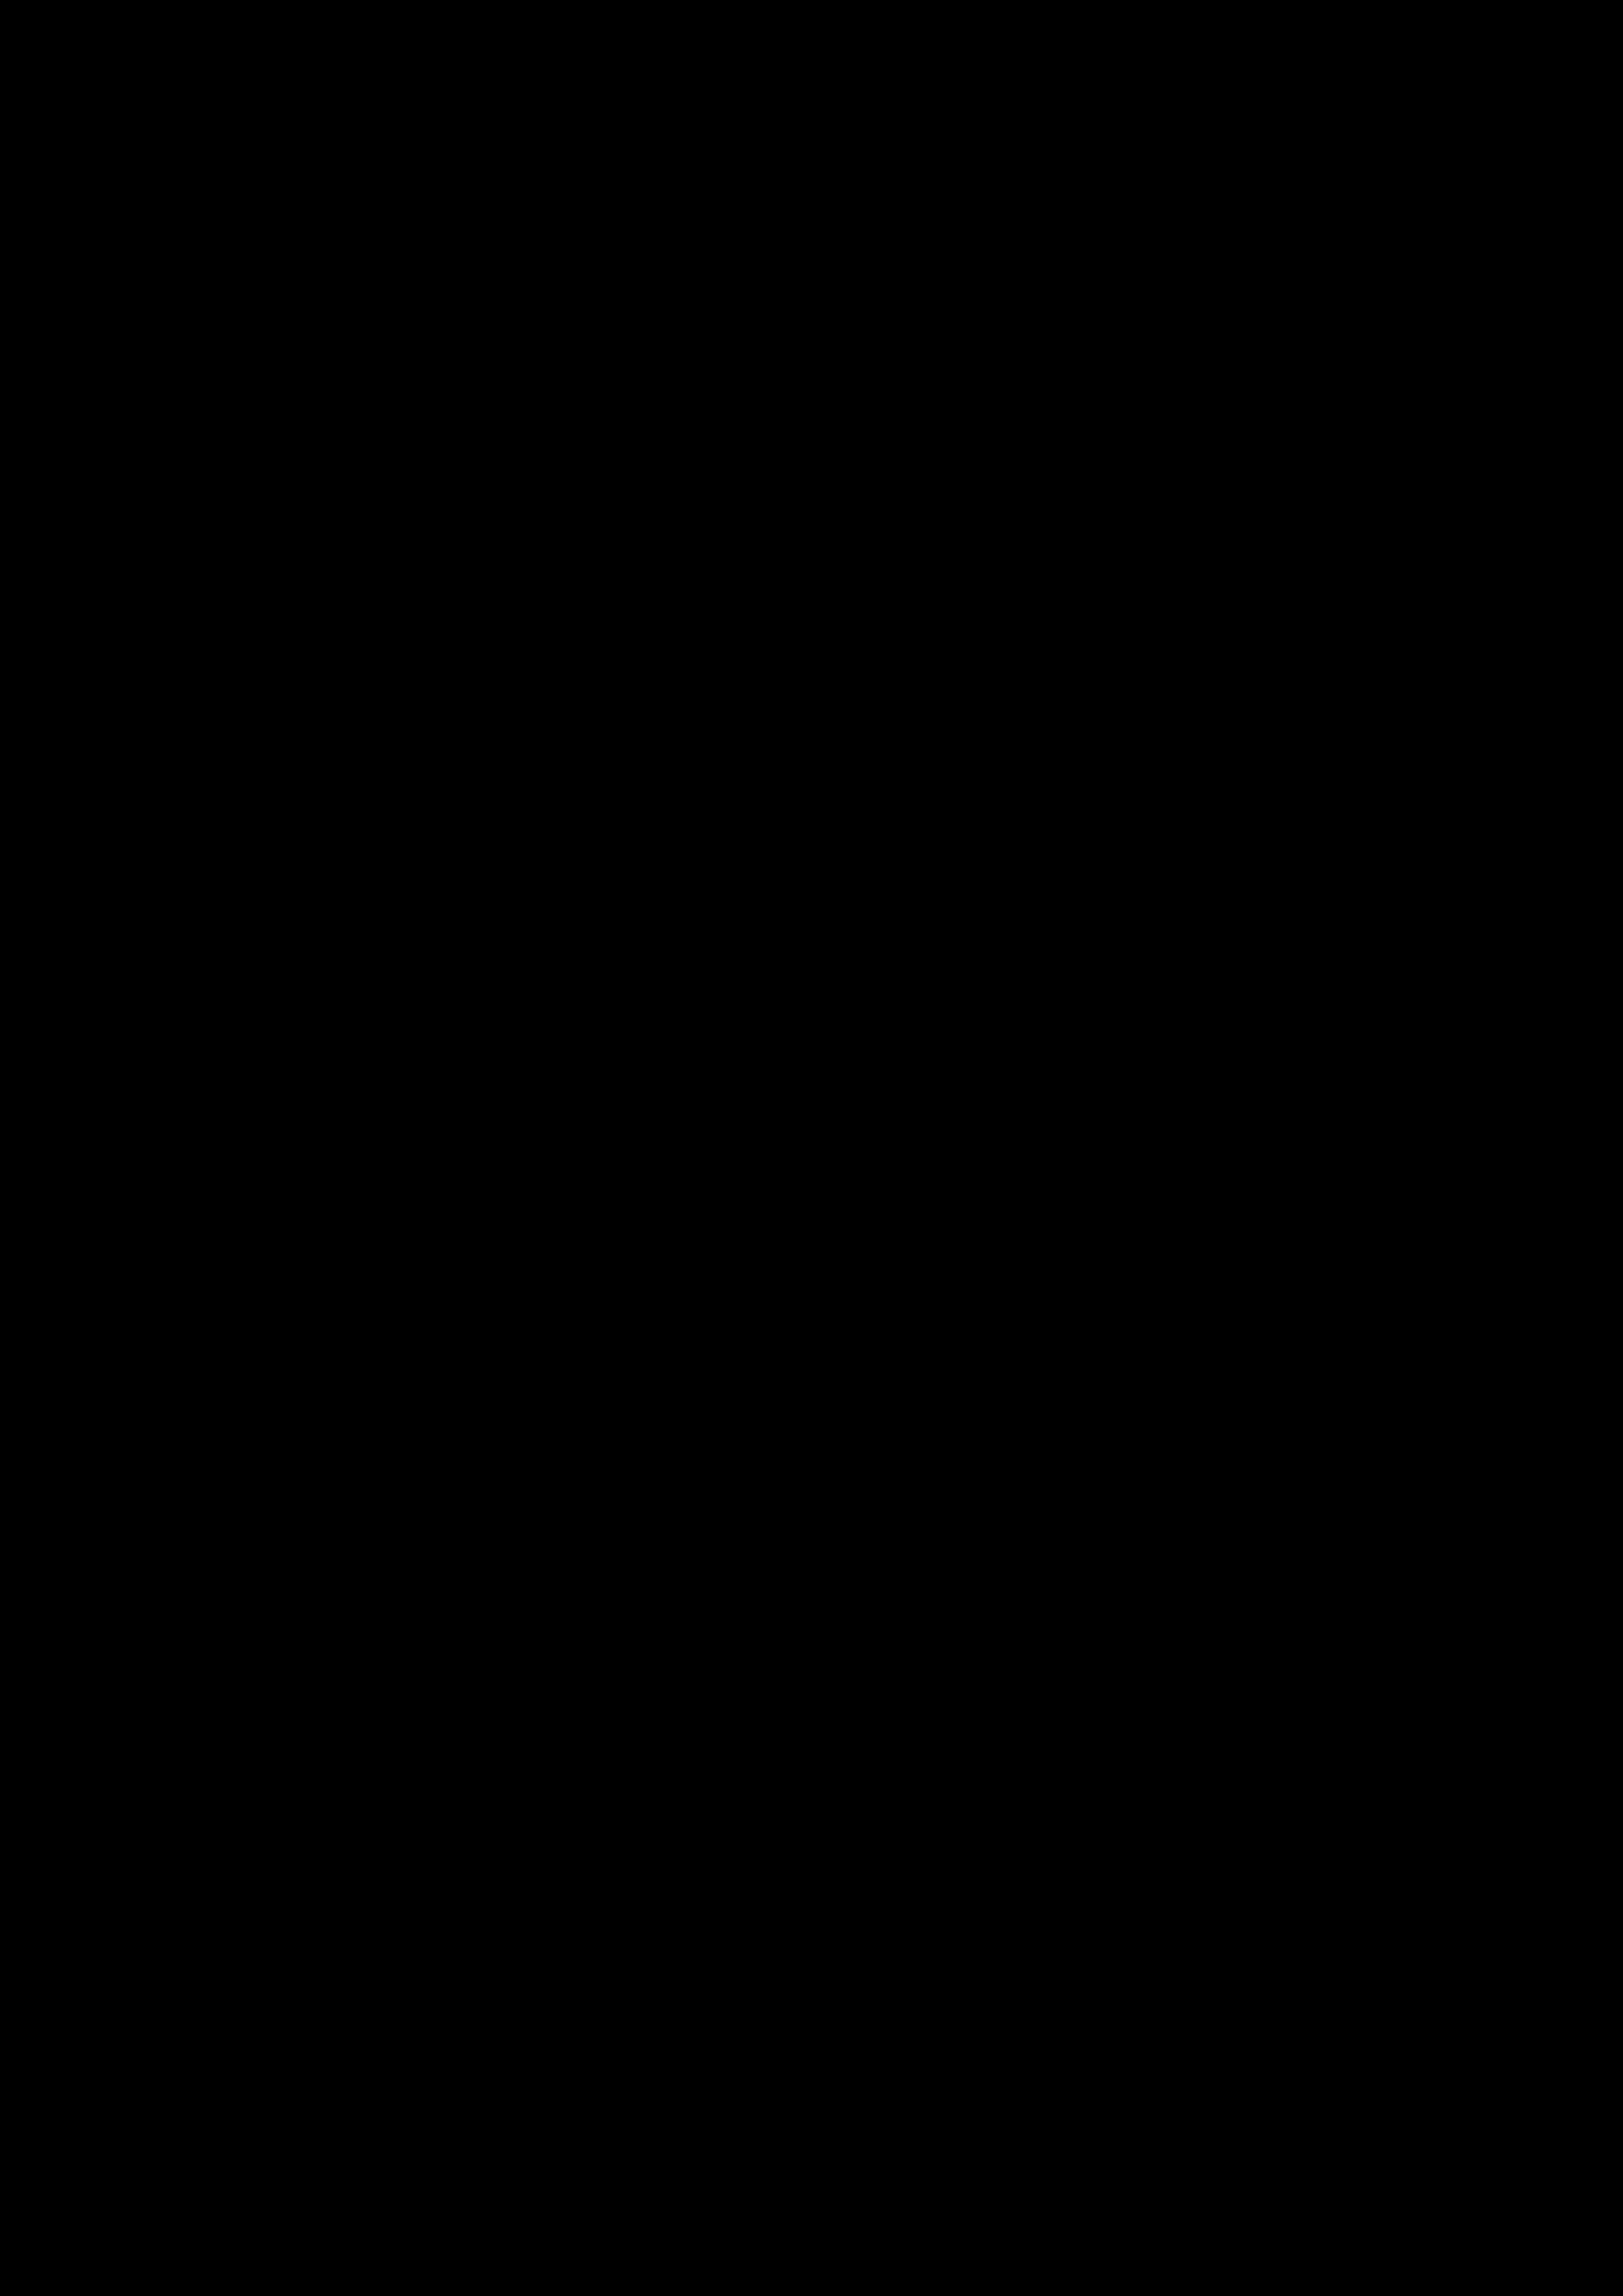 FCH250高功率电阻_页面_2.jpg